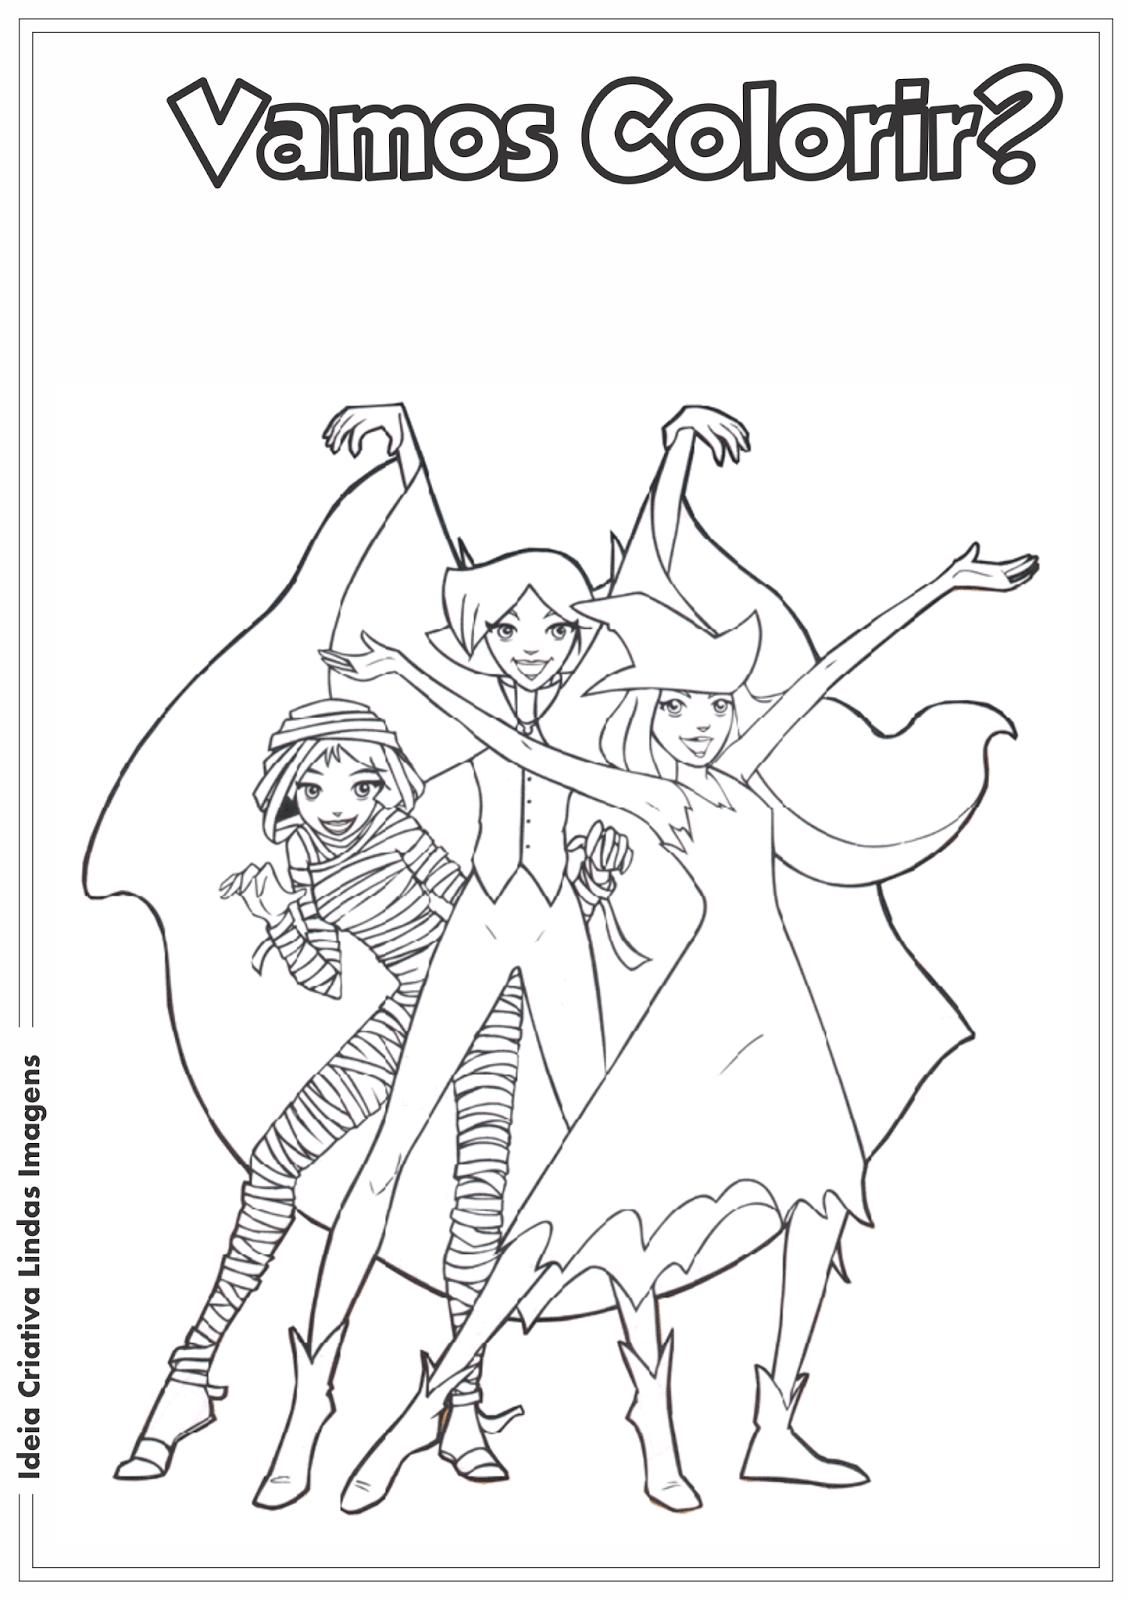 Ideia Criativa Lindas Imagens  Três Espiãs Demais Desenho Para Colorir